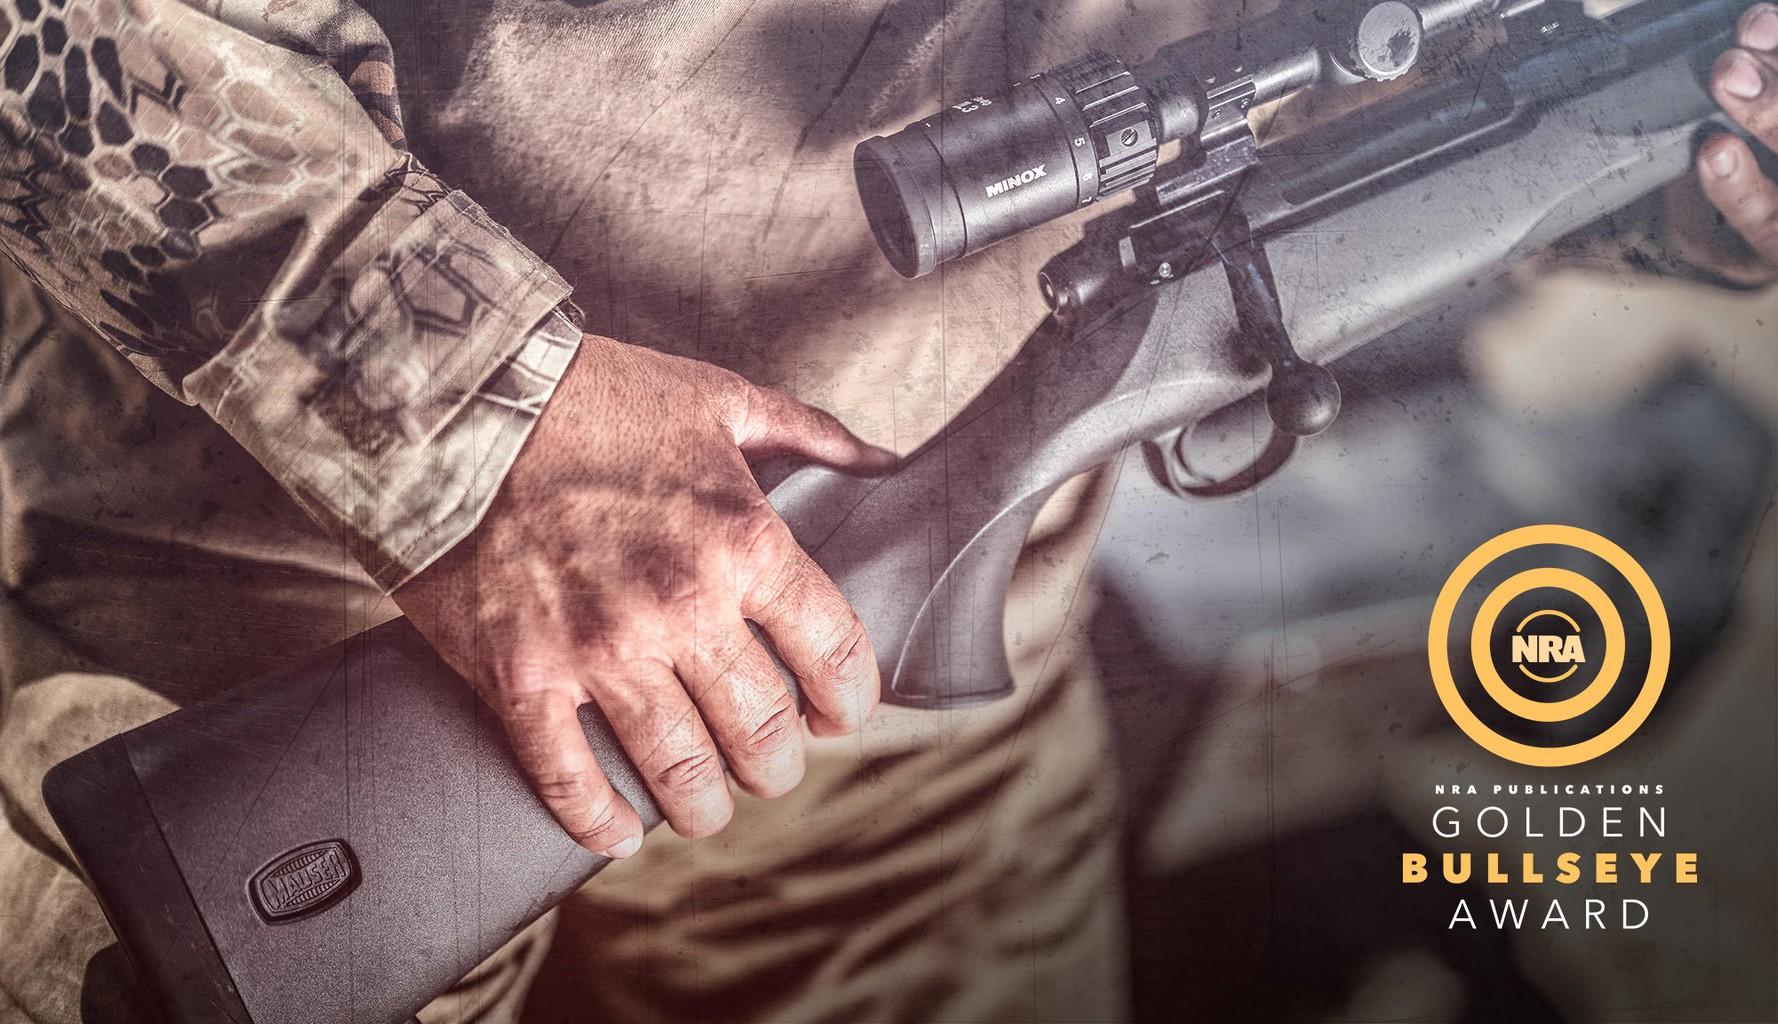 Mauser 18 - NRA 2020 Golden Bullseye Award